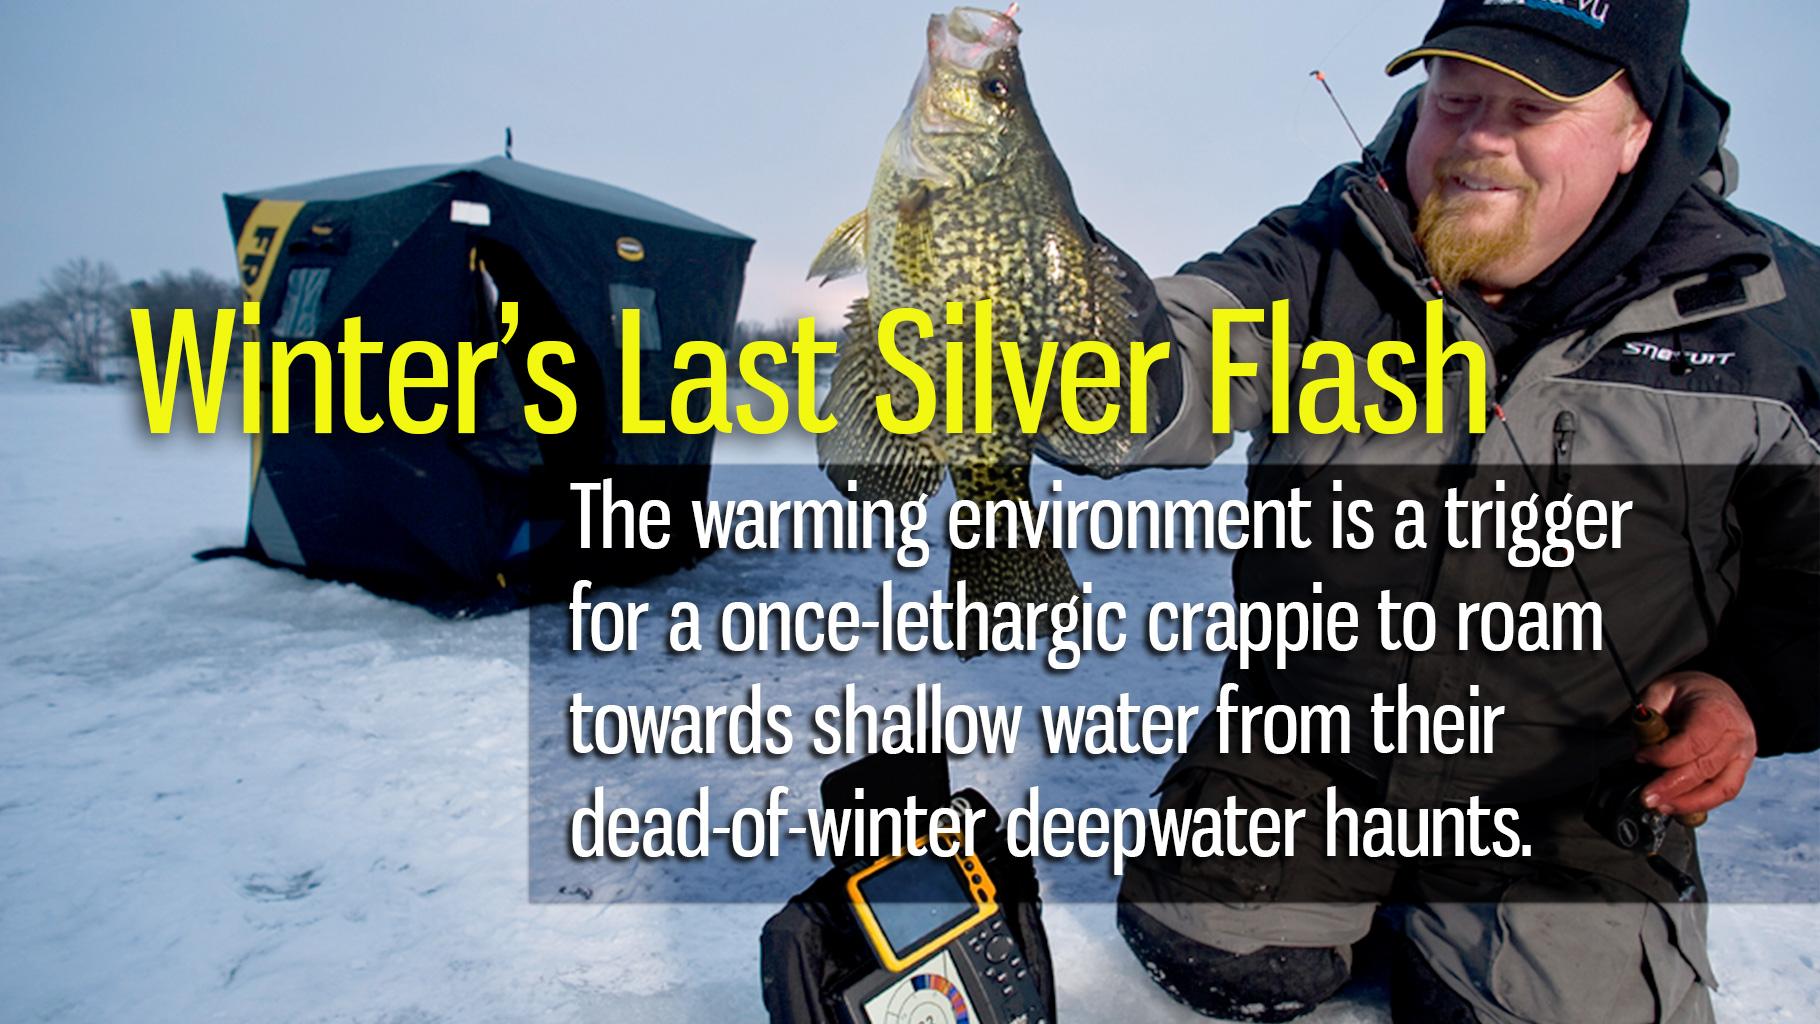 Winter's Last Silver Flash